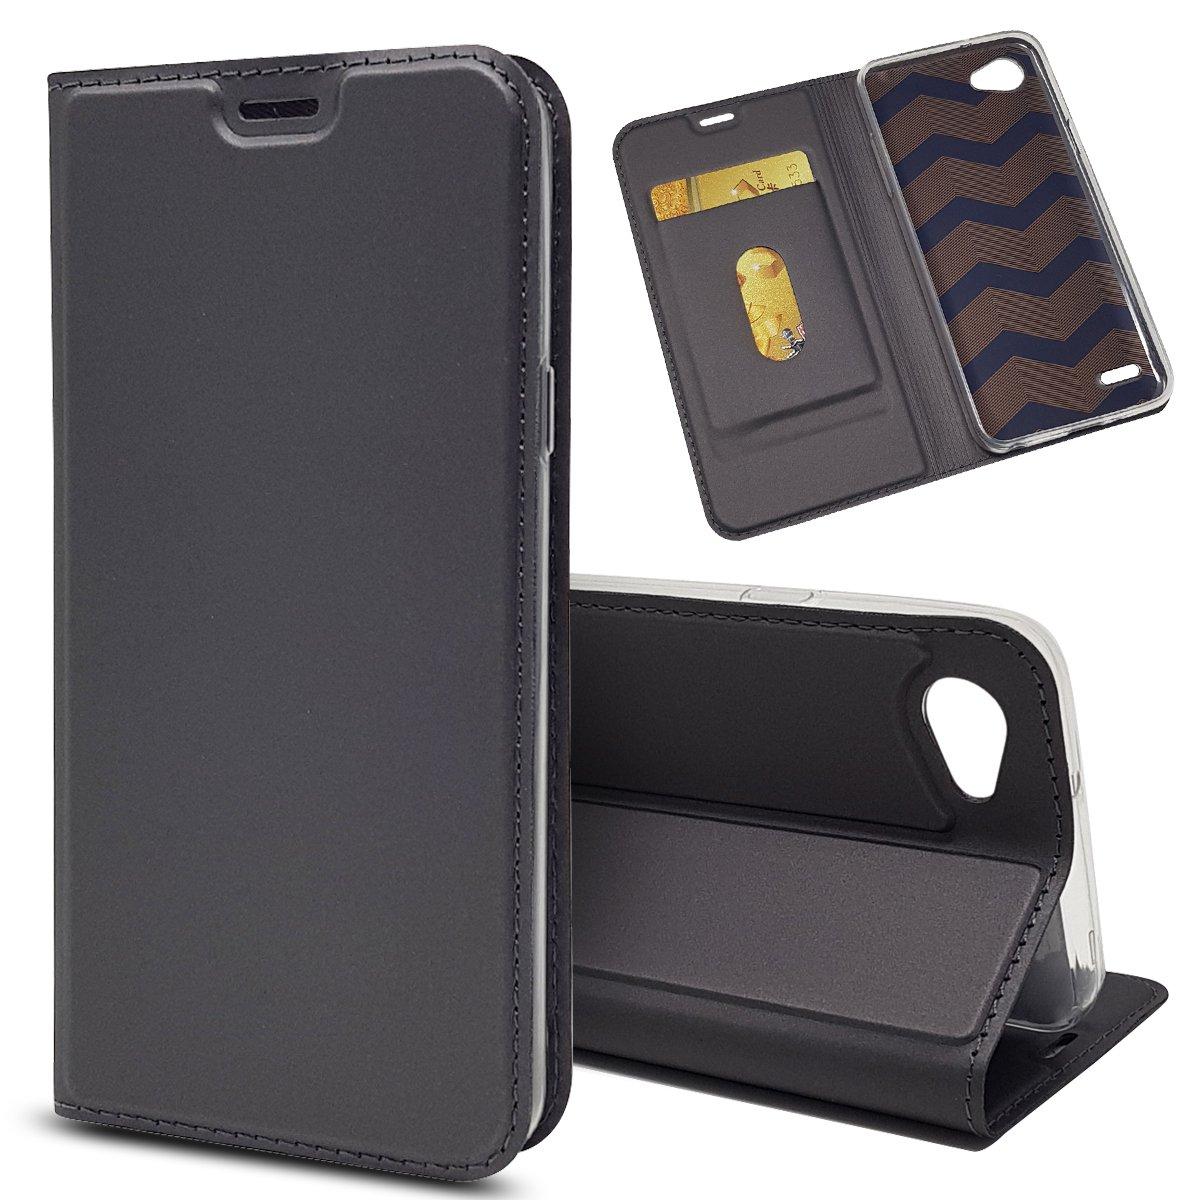 LG Q6ケース、iCoverCaseプレミアムレザーケース(マグネット付き)、新バージョンケース、超スリム耐衝撃軽量[カードスロット] [マグネットクロージャー] PUレザーケース(グレー)   B07JBSCBQF